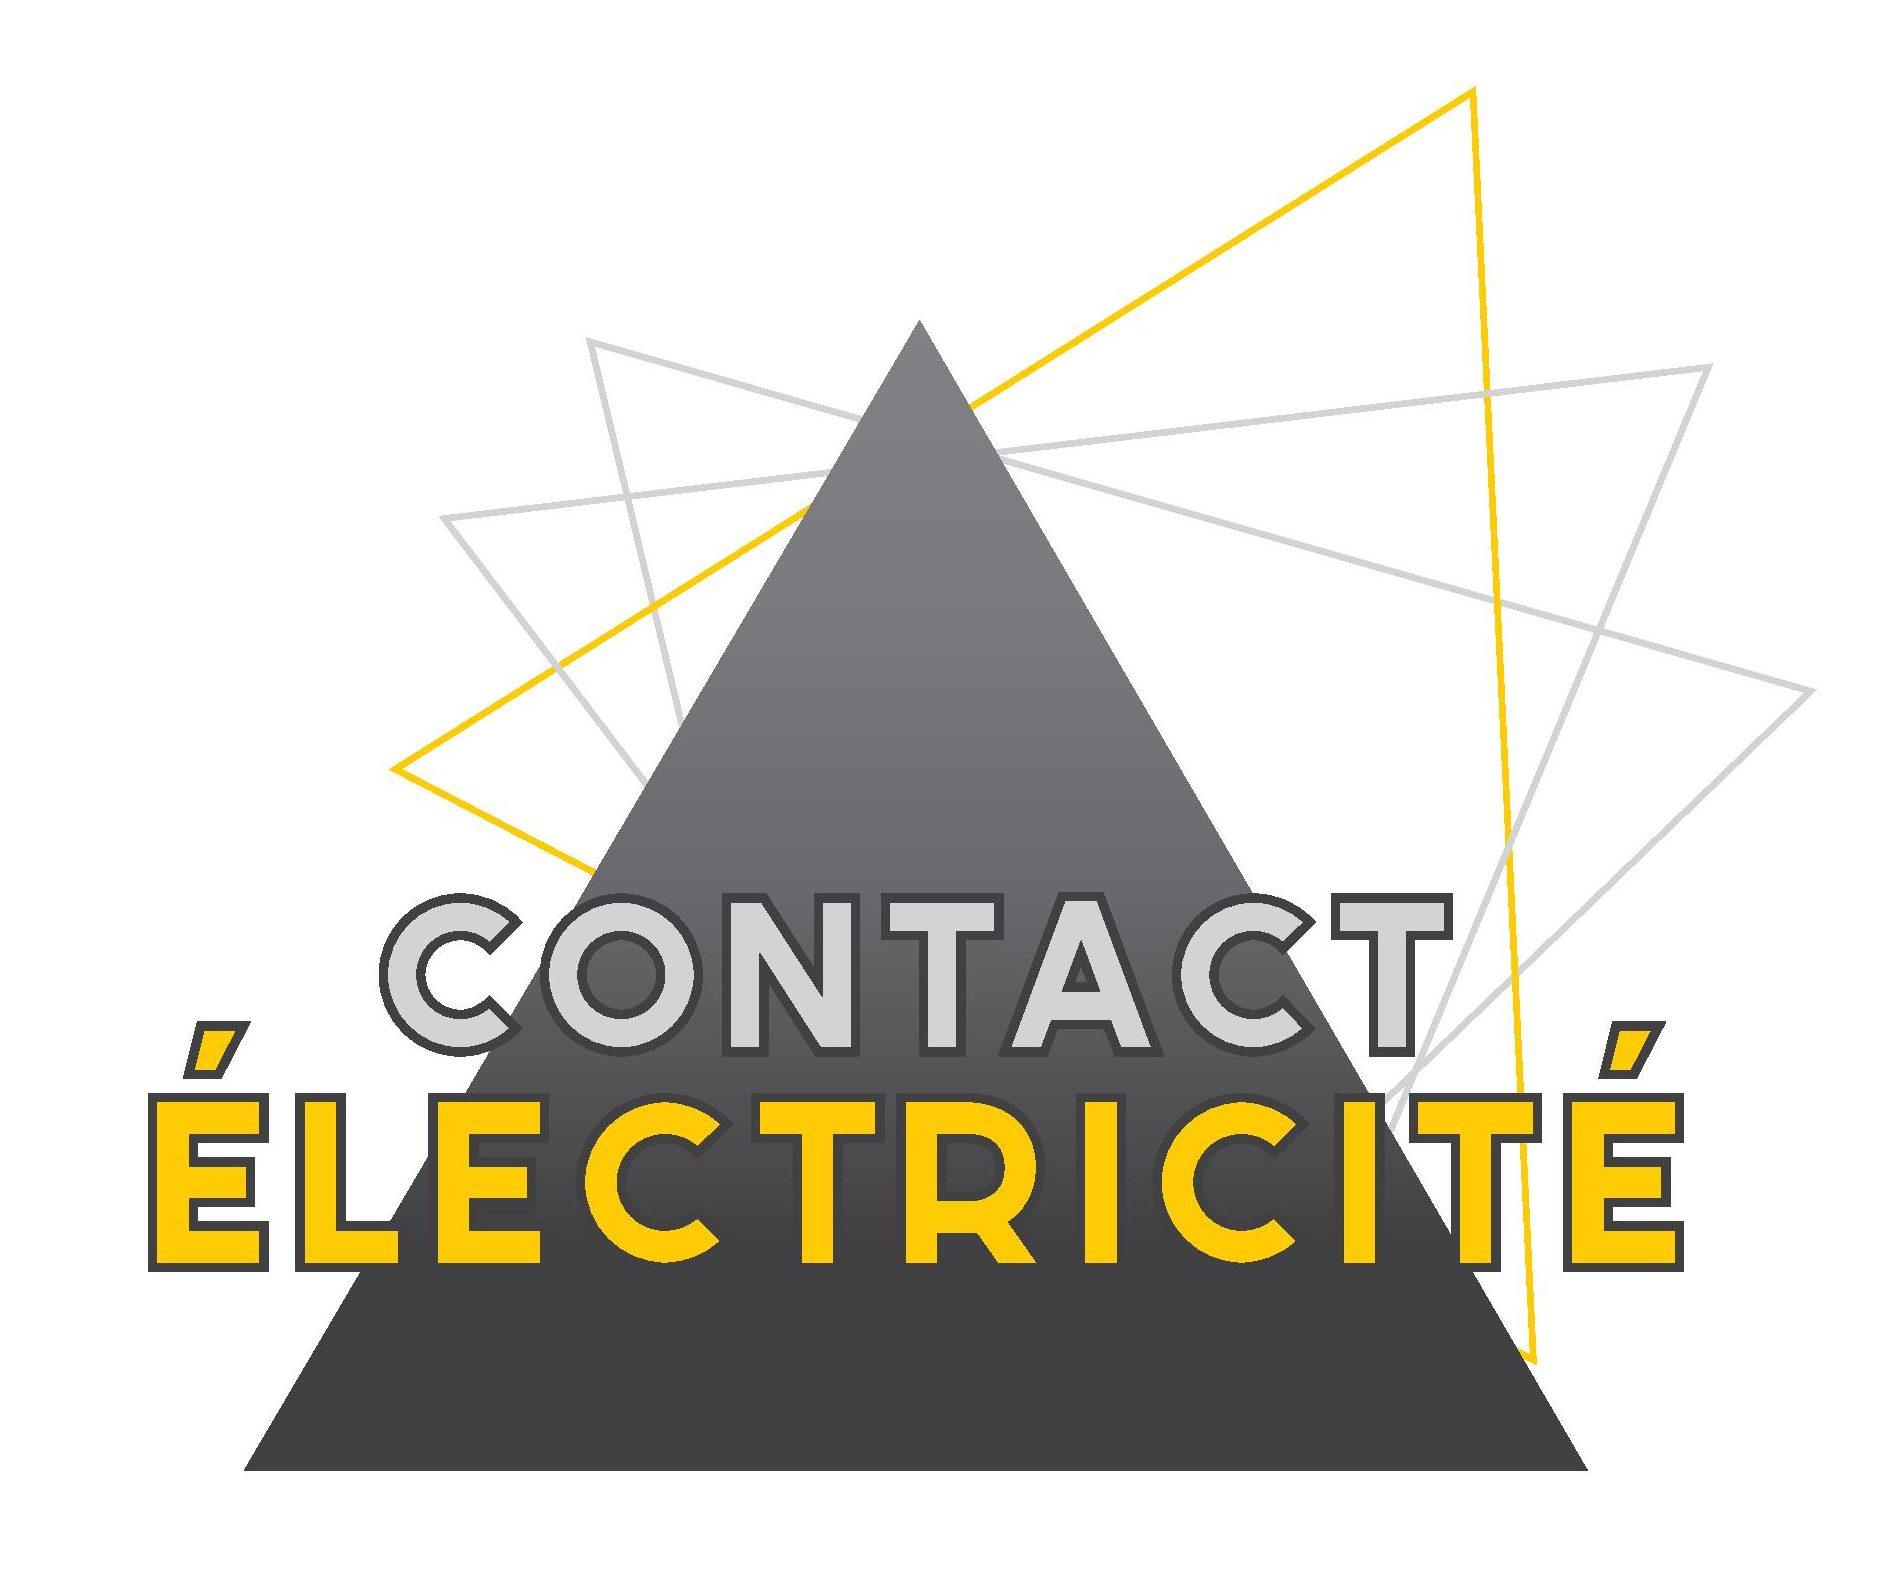 Contact Électricité